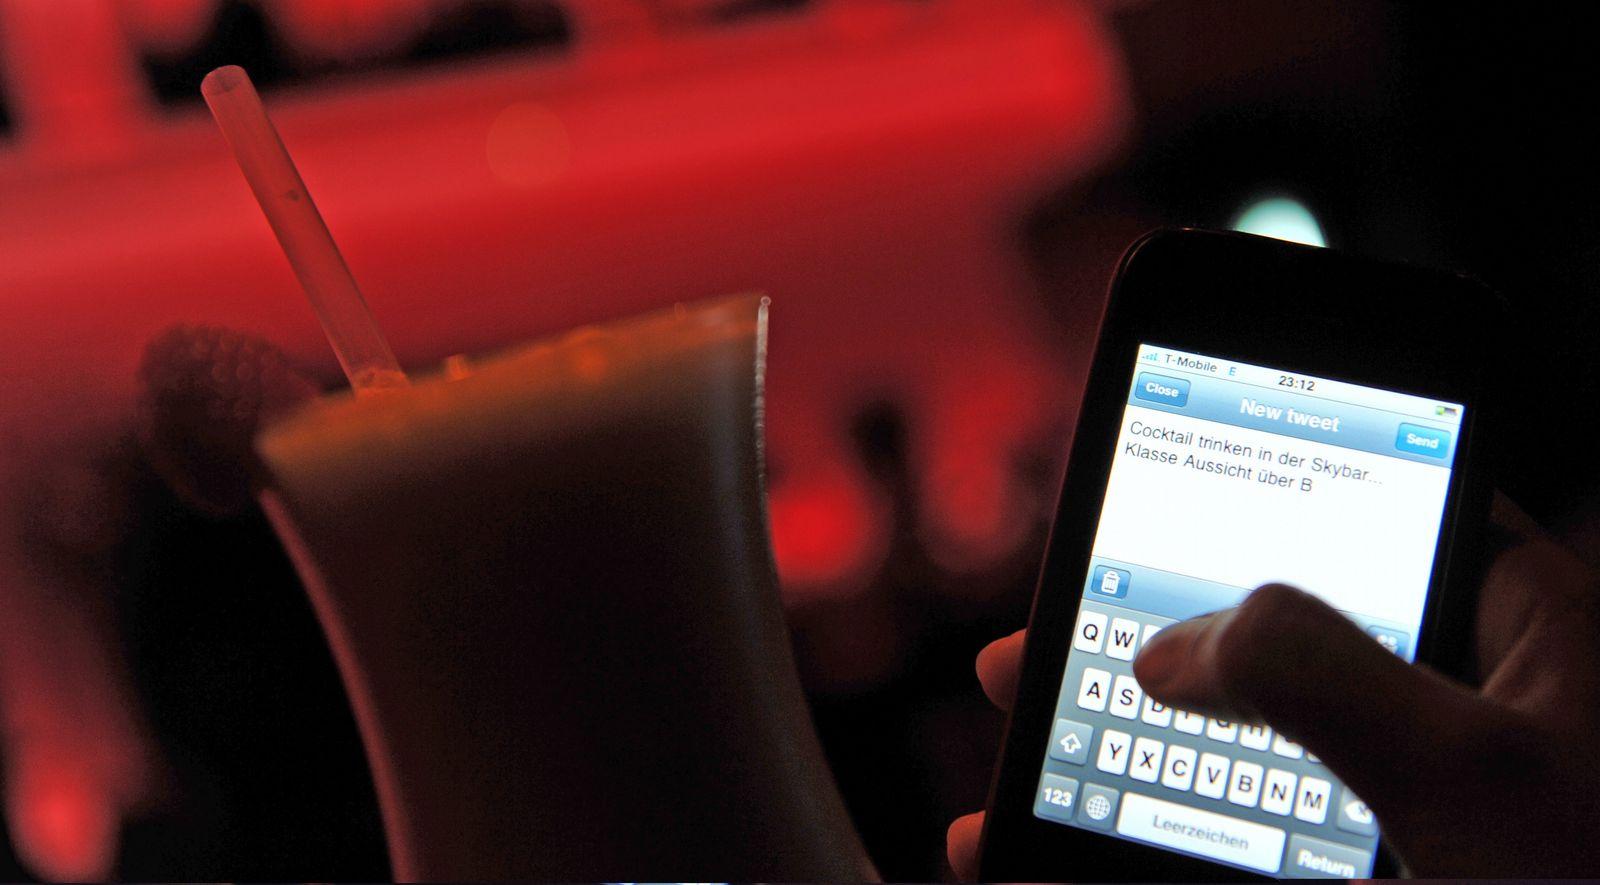 NICHT VERWENDEN Twitter Mobiltelefon SMS